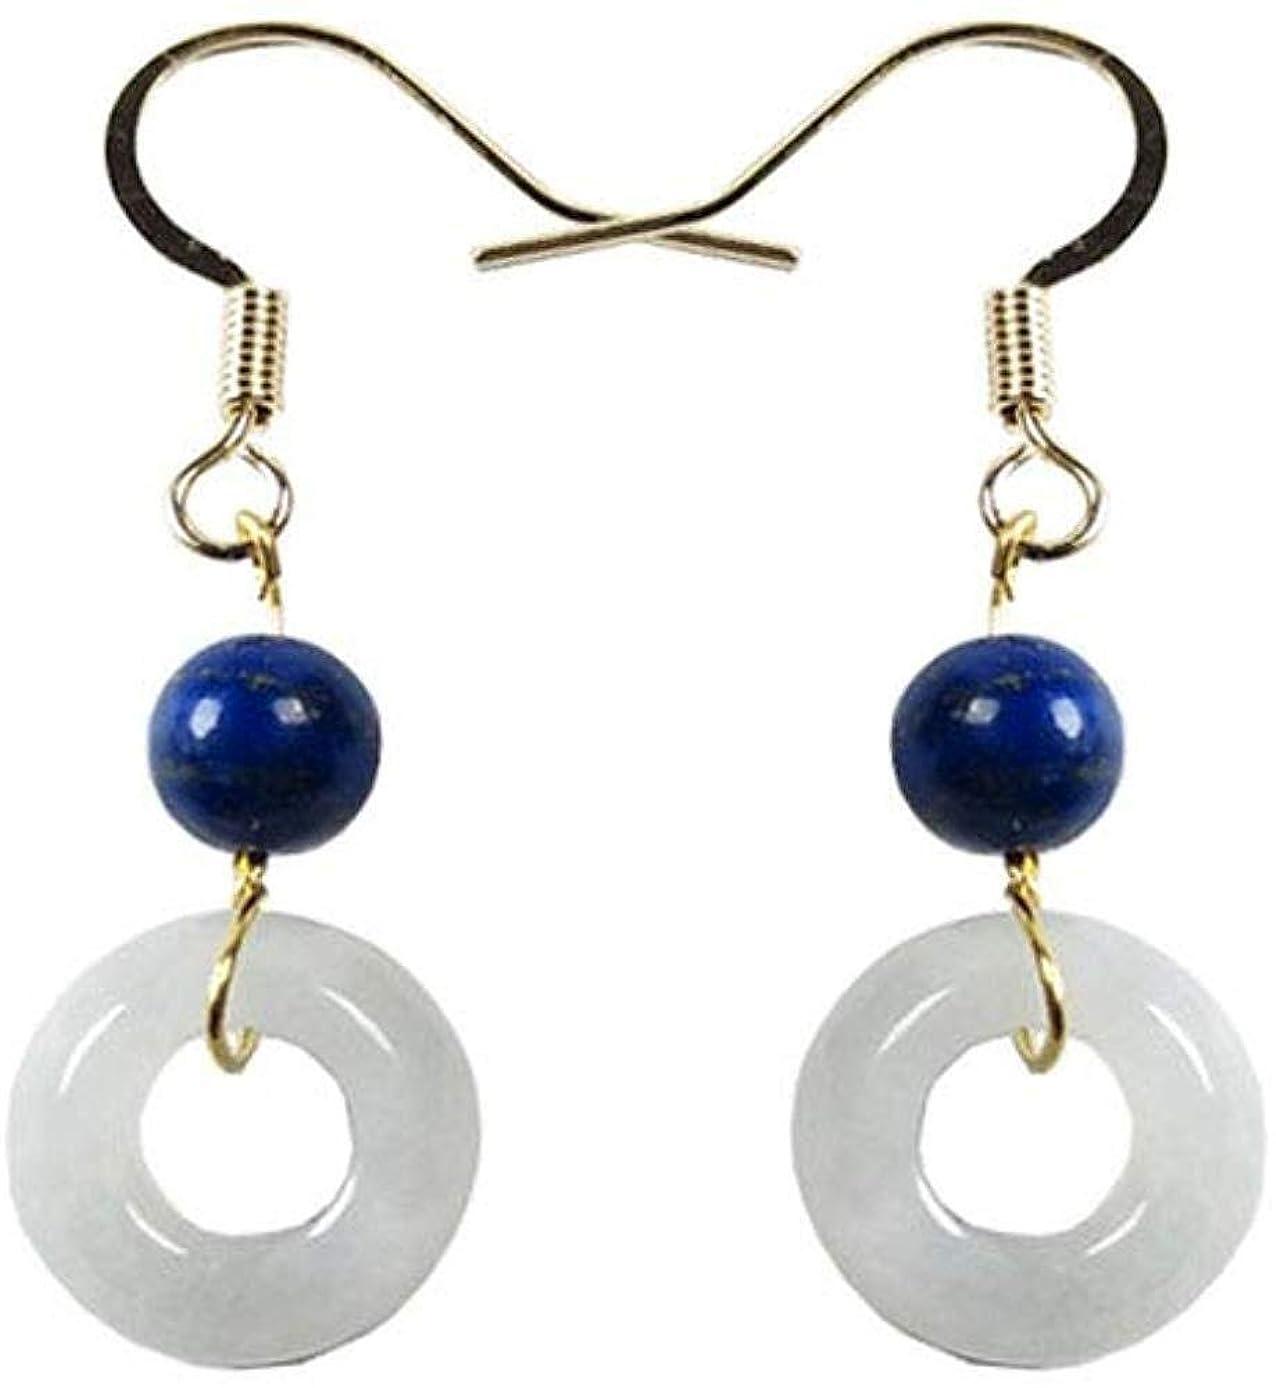 ずるい鏡ソフィー天然玉 ジェイドのペンダント自然なヒスイのペンダントイヤリングの耳のワイヤーのヒスイのイヤリングは、長いイヤリングの宝石類イヤリングエメラルド